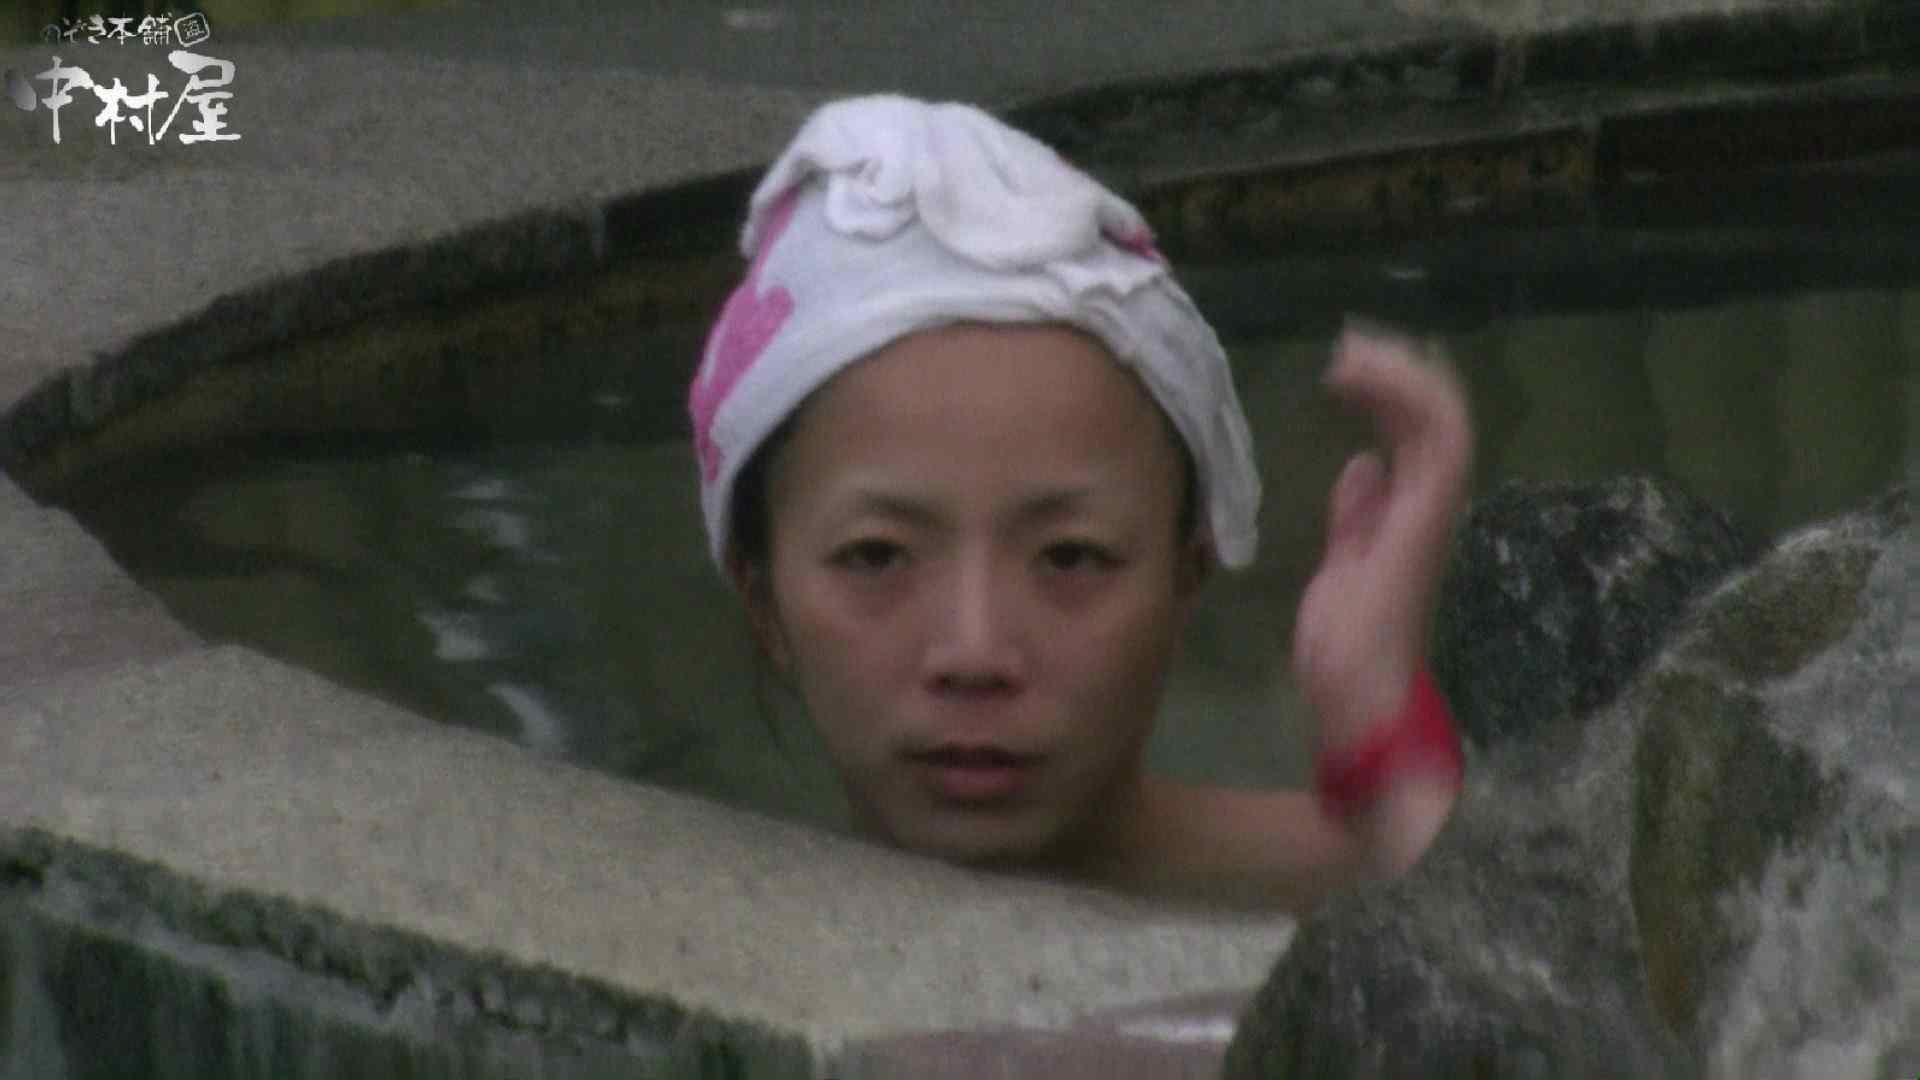 Aquaな露天風呂Vol.929 盗撮   OLのエロ生活  104連発 97